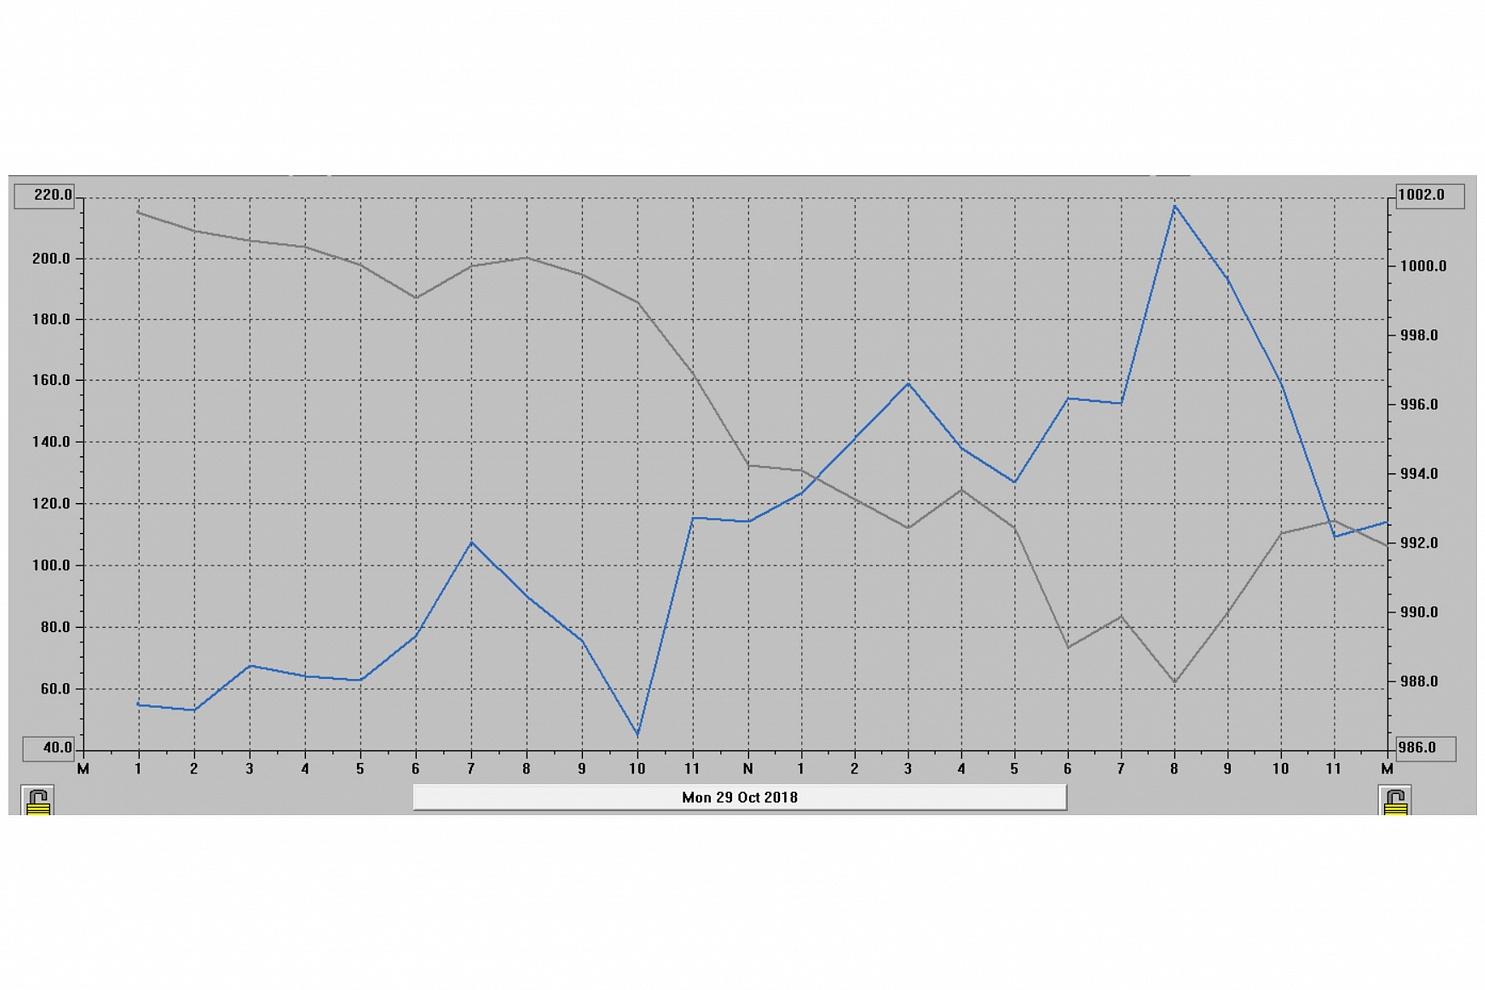 Grafico raffigurante la pressione atmosferica e velocità del vento nelle 24 ore del 29 Ottobre 2018 presso la stazione meteorologica di Passo Rolle (TN). - Nel grafico viene indicata con la linea grigia la pressione atmosferica e con la linea azzurra la velocità del vento.  Alle ore 20,00 del 29 ottobre 2018 si registra il picco minimo di pressione atmosferica con un valore di 988hPa, uno dei più bassi della Storia italiana. In corrispondenza del valore minimo di pressione atmosferica viene registrata la massima velocità di raffica di vento con 217,3km/h.